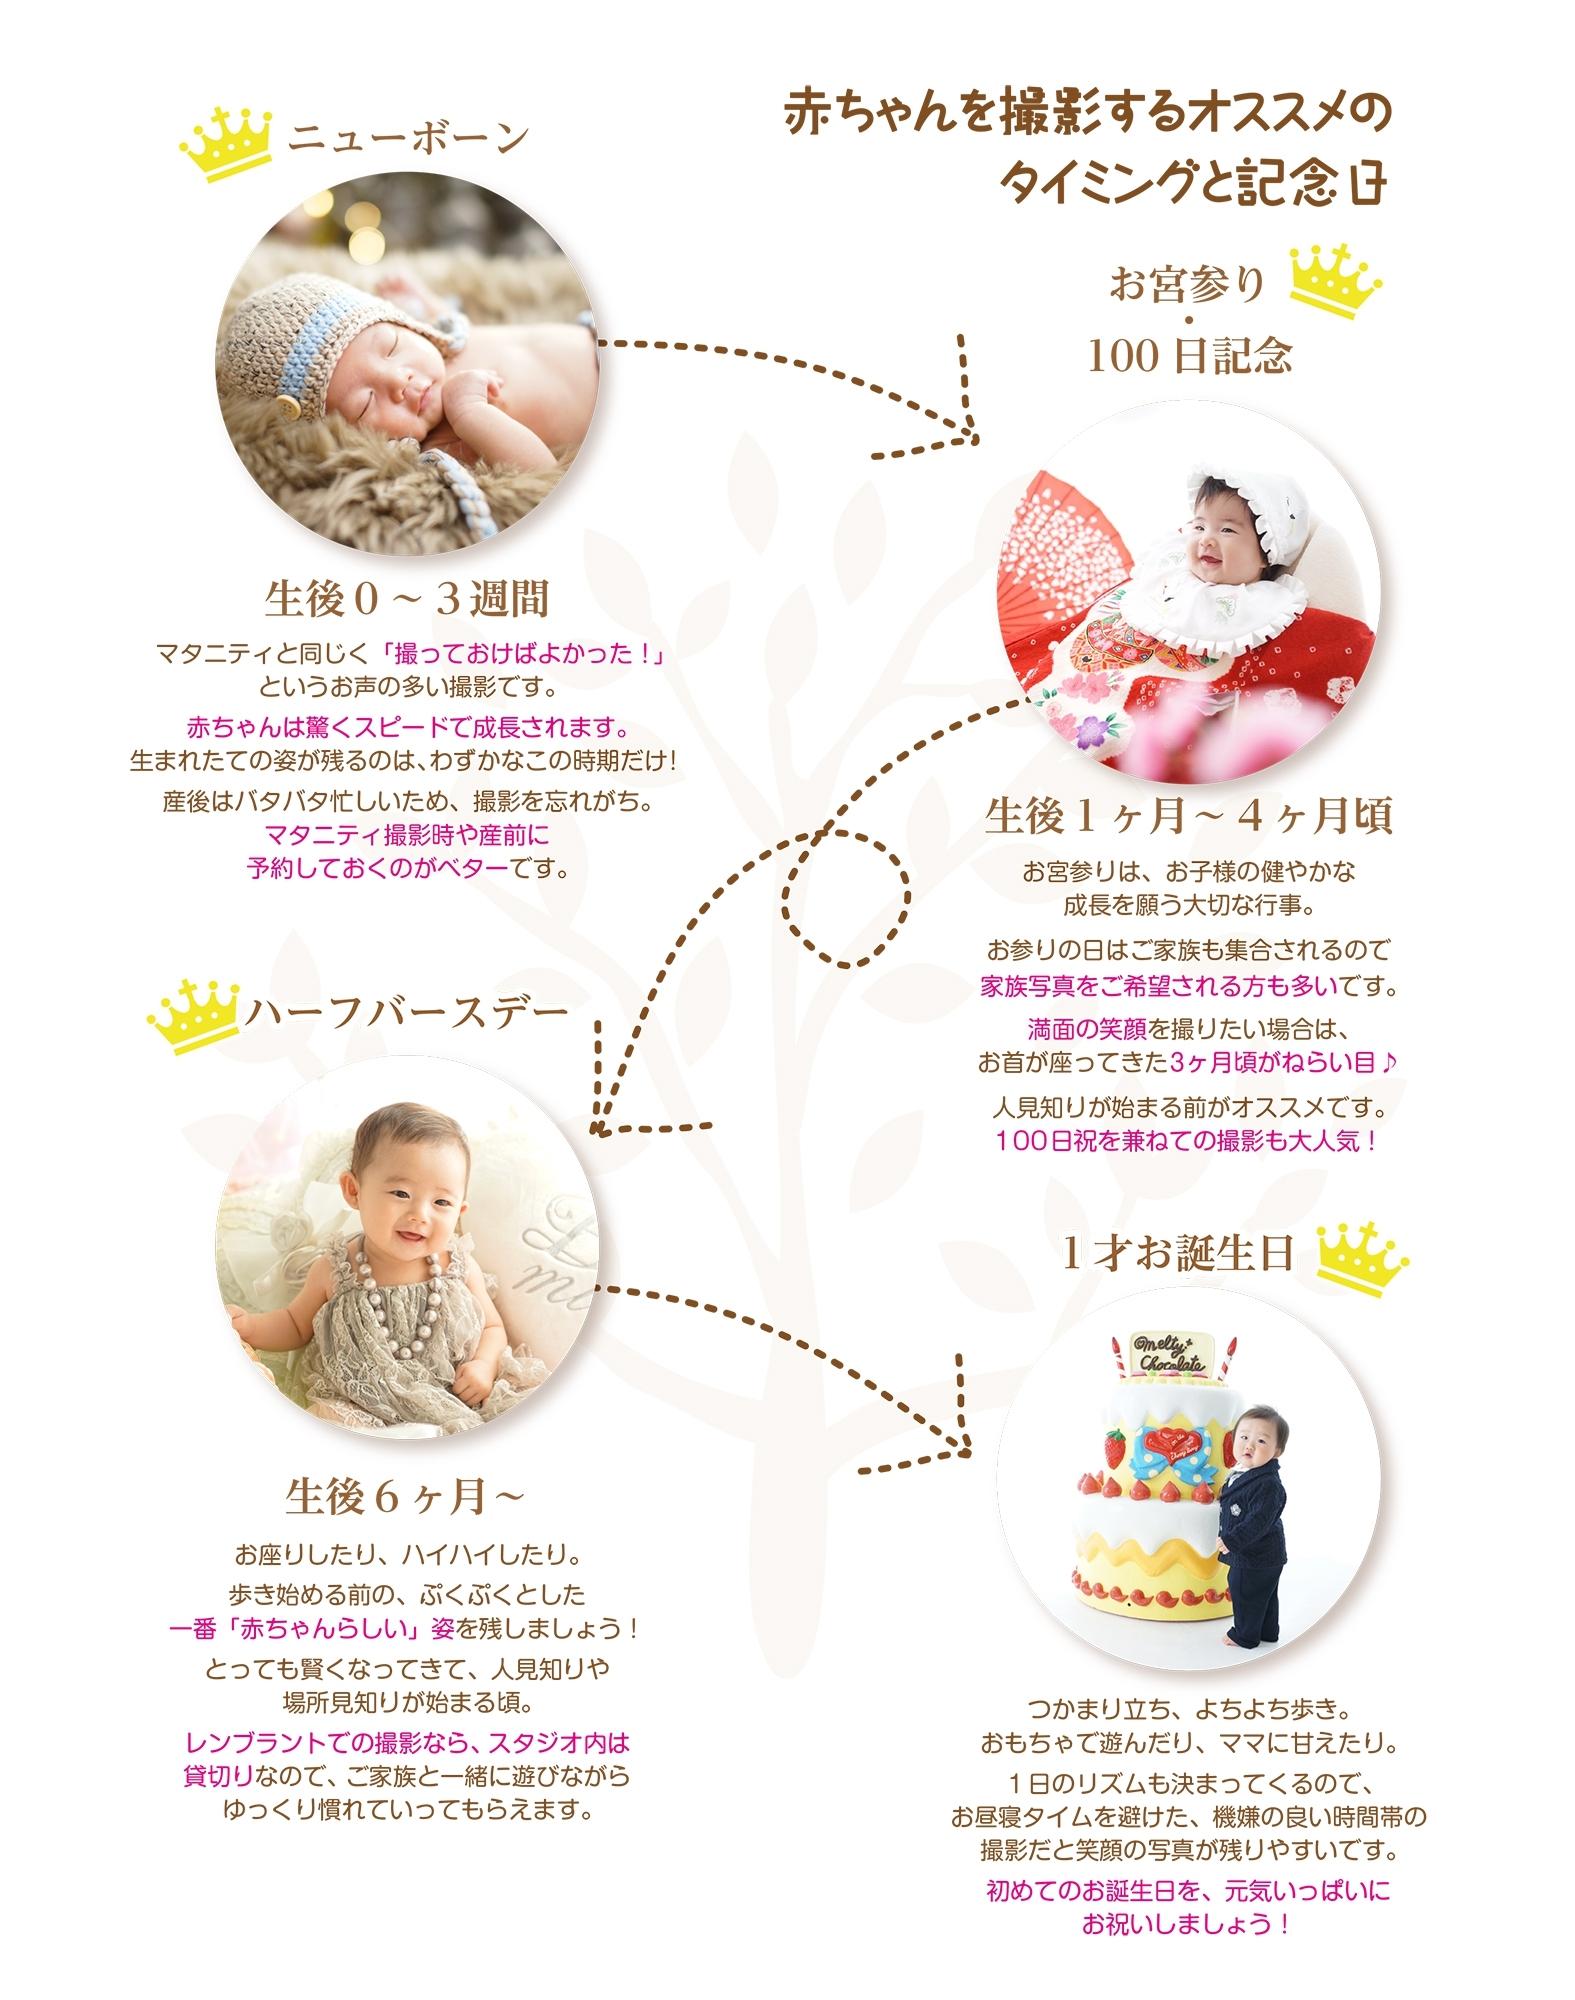 赤ちゃんを撮影するタイミング